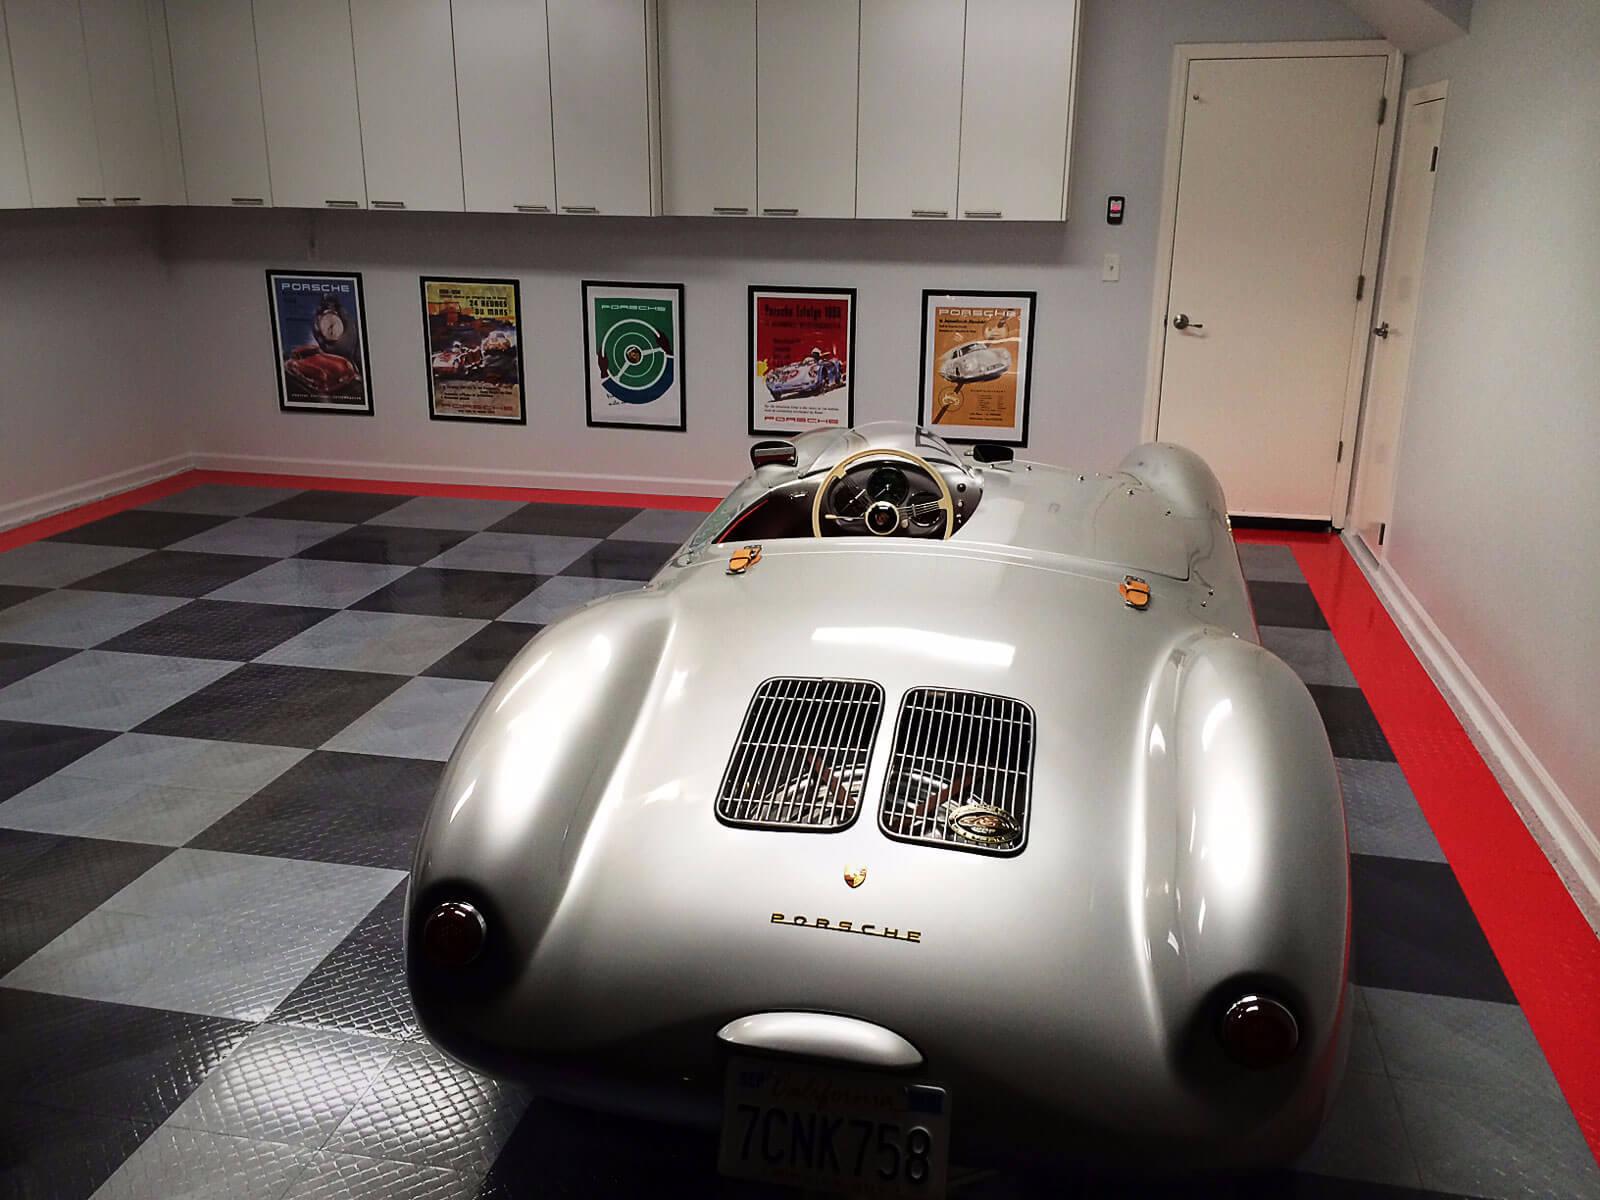 Vintage Porsche on a RaceDeck Diamond garage floor with TuffShield.